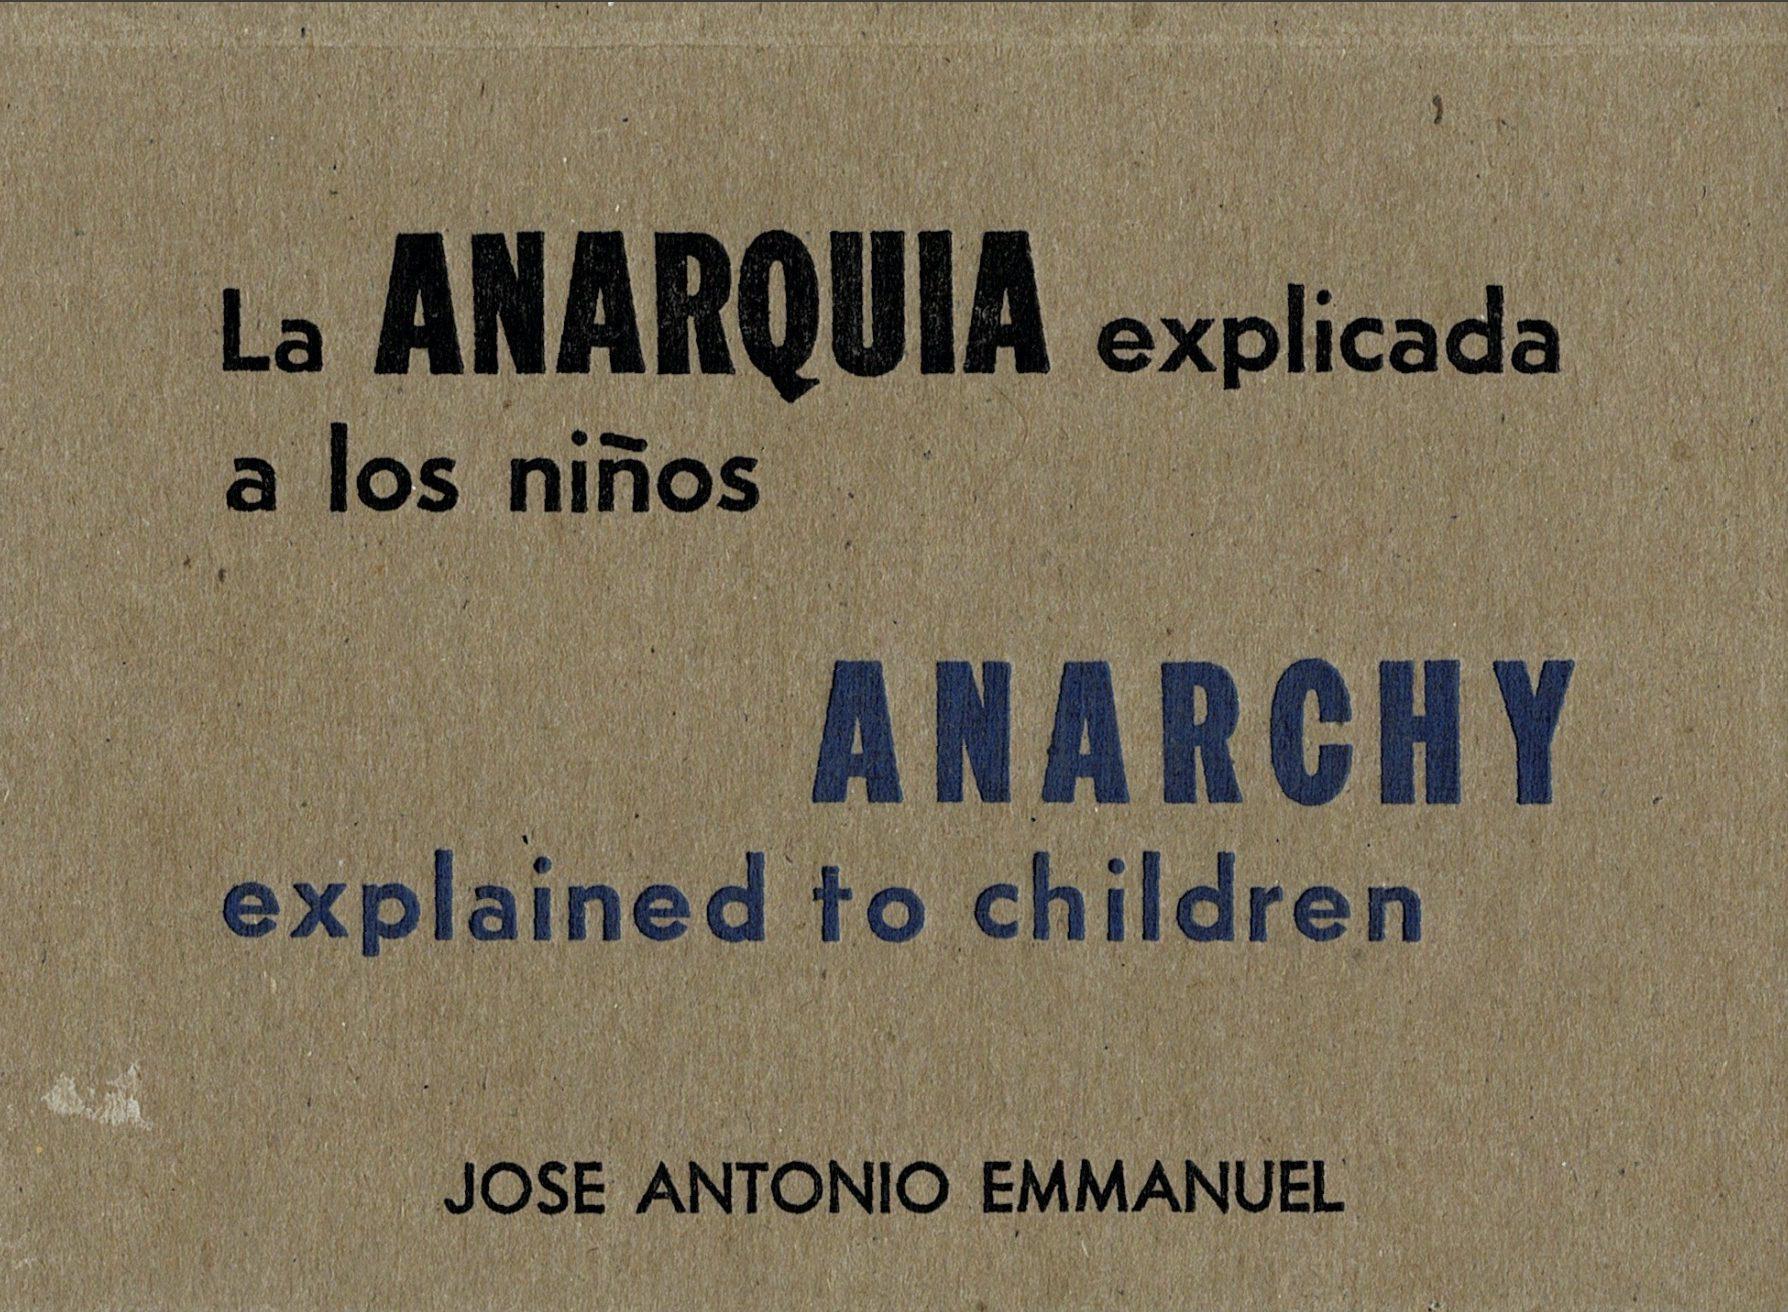 Emmanuel, José Antonio - La anarquía explicada a niños pdf